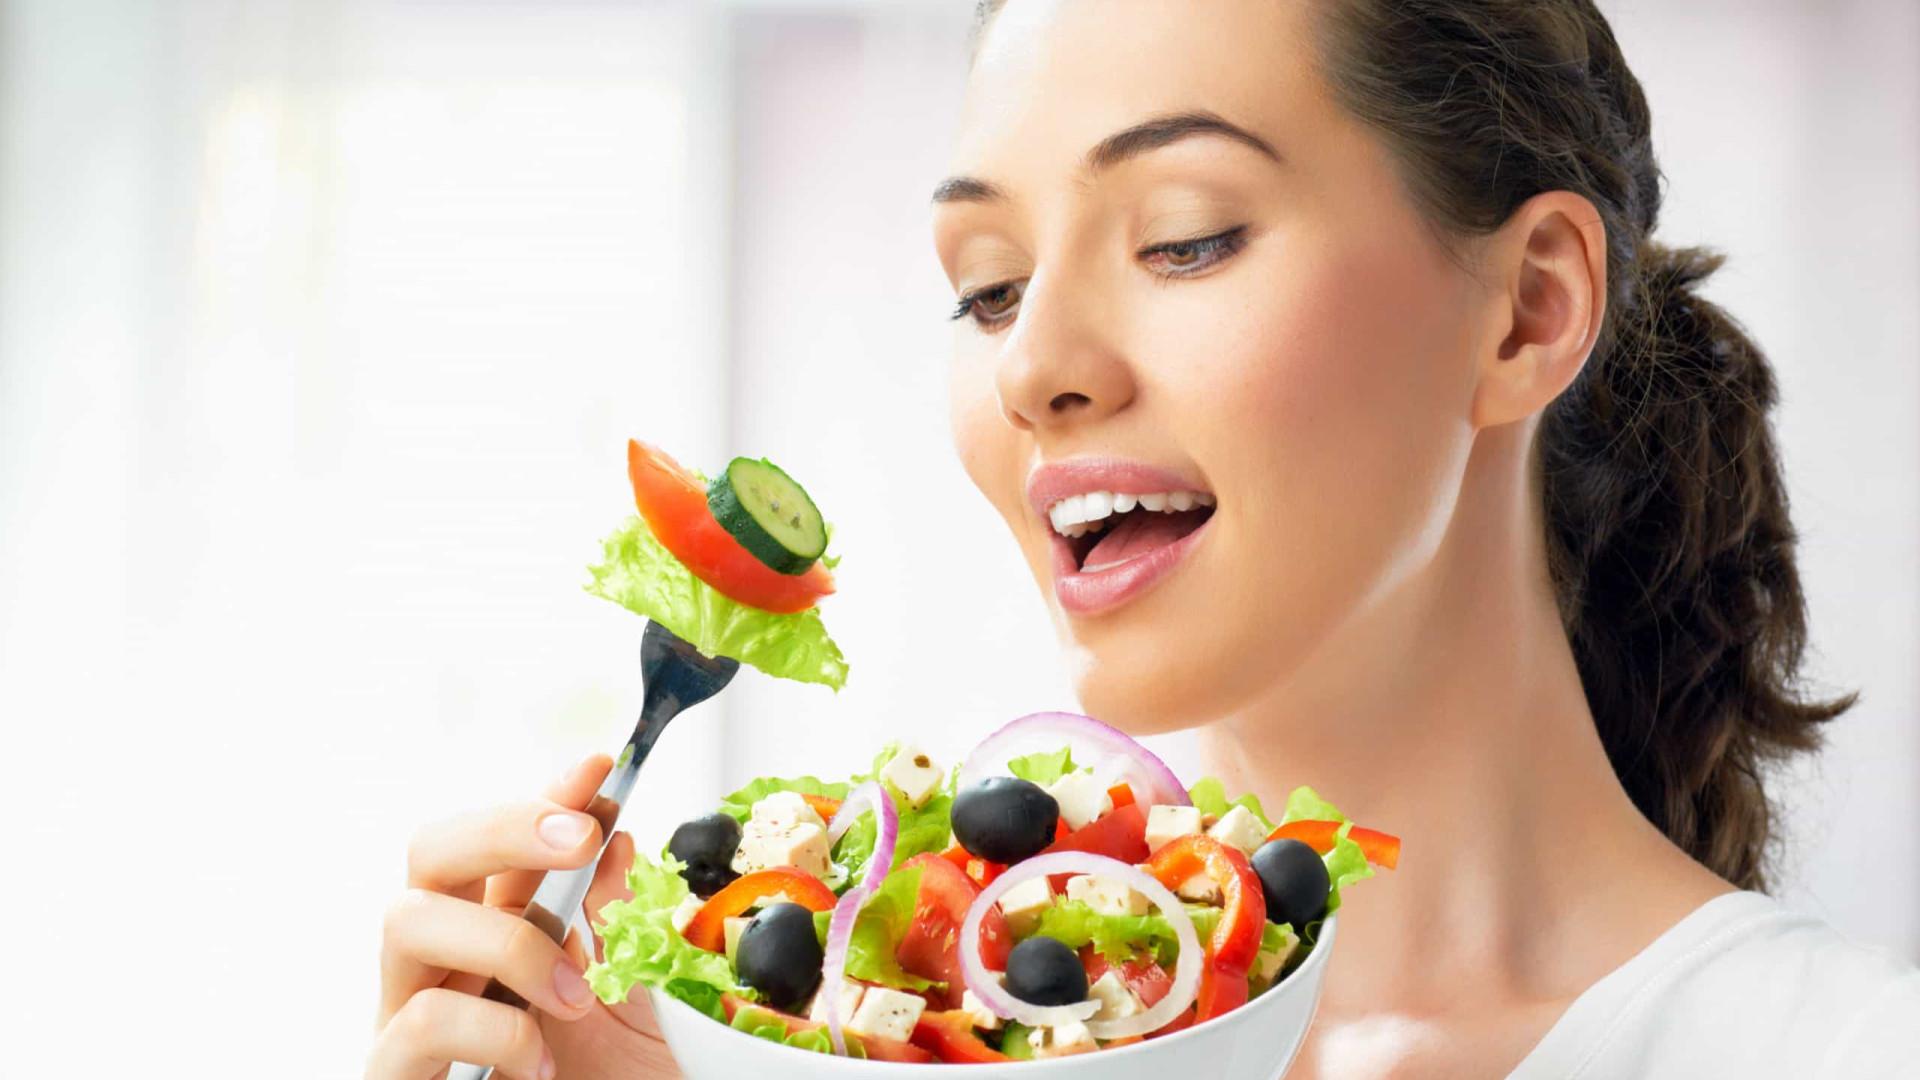 Iniciou uma dieta 'low-carb' e não consegue perder peso? Cinco motivos